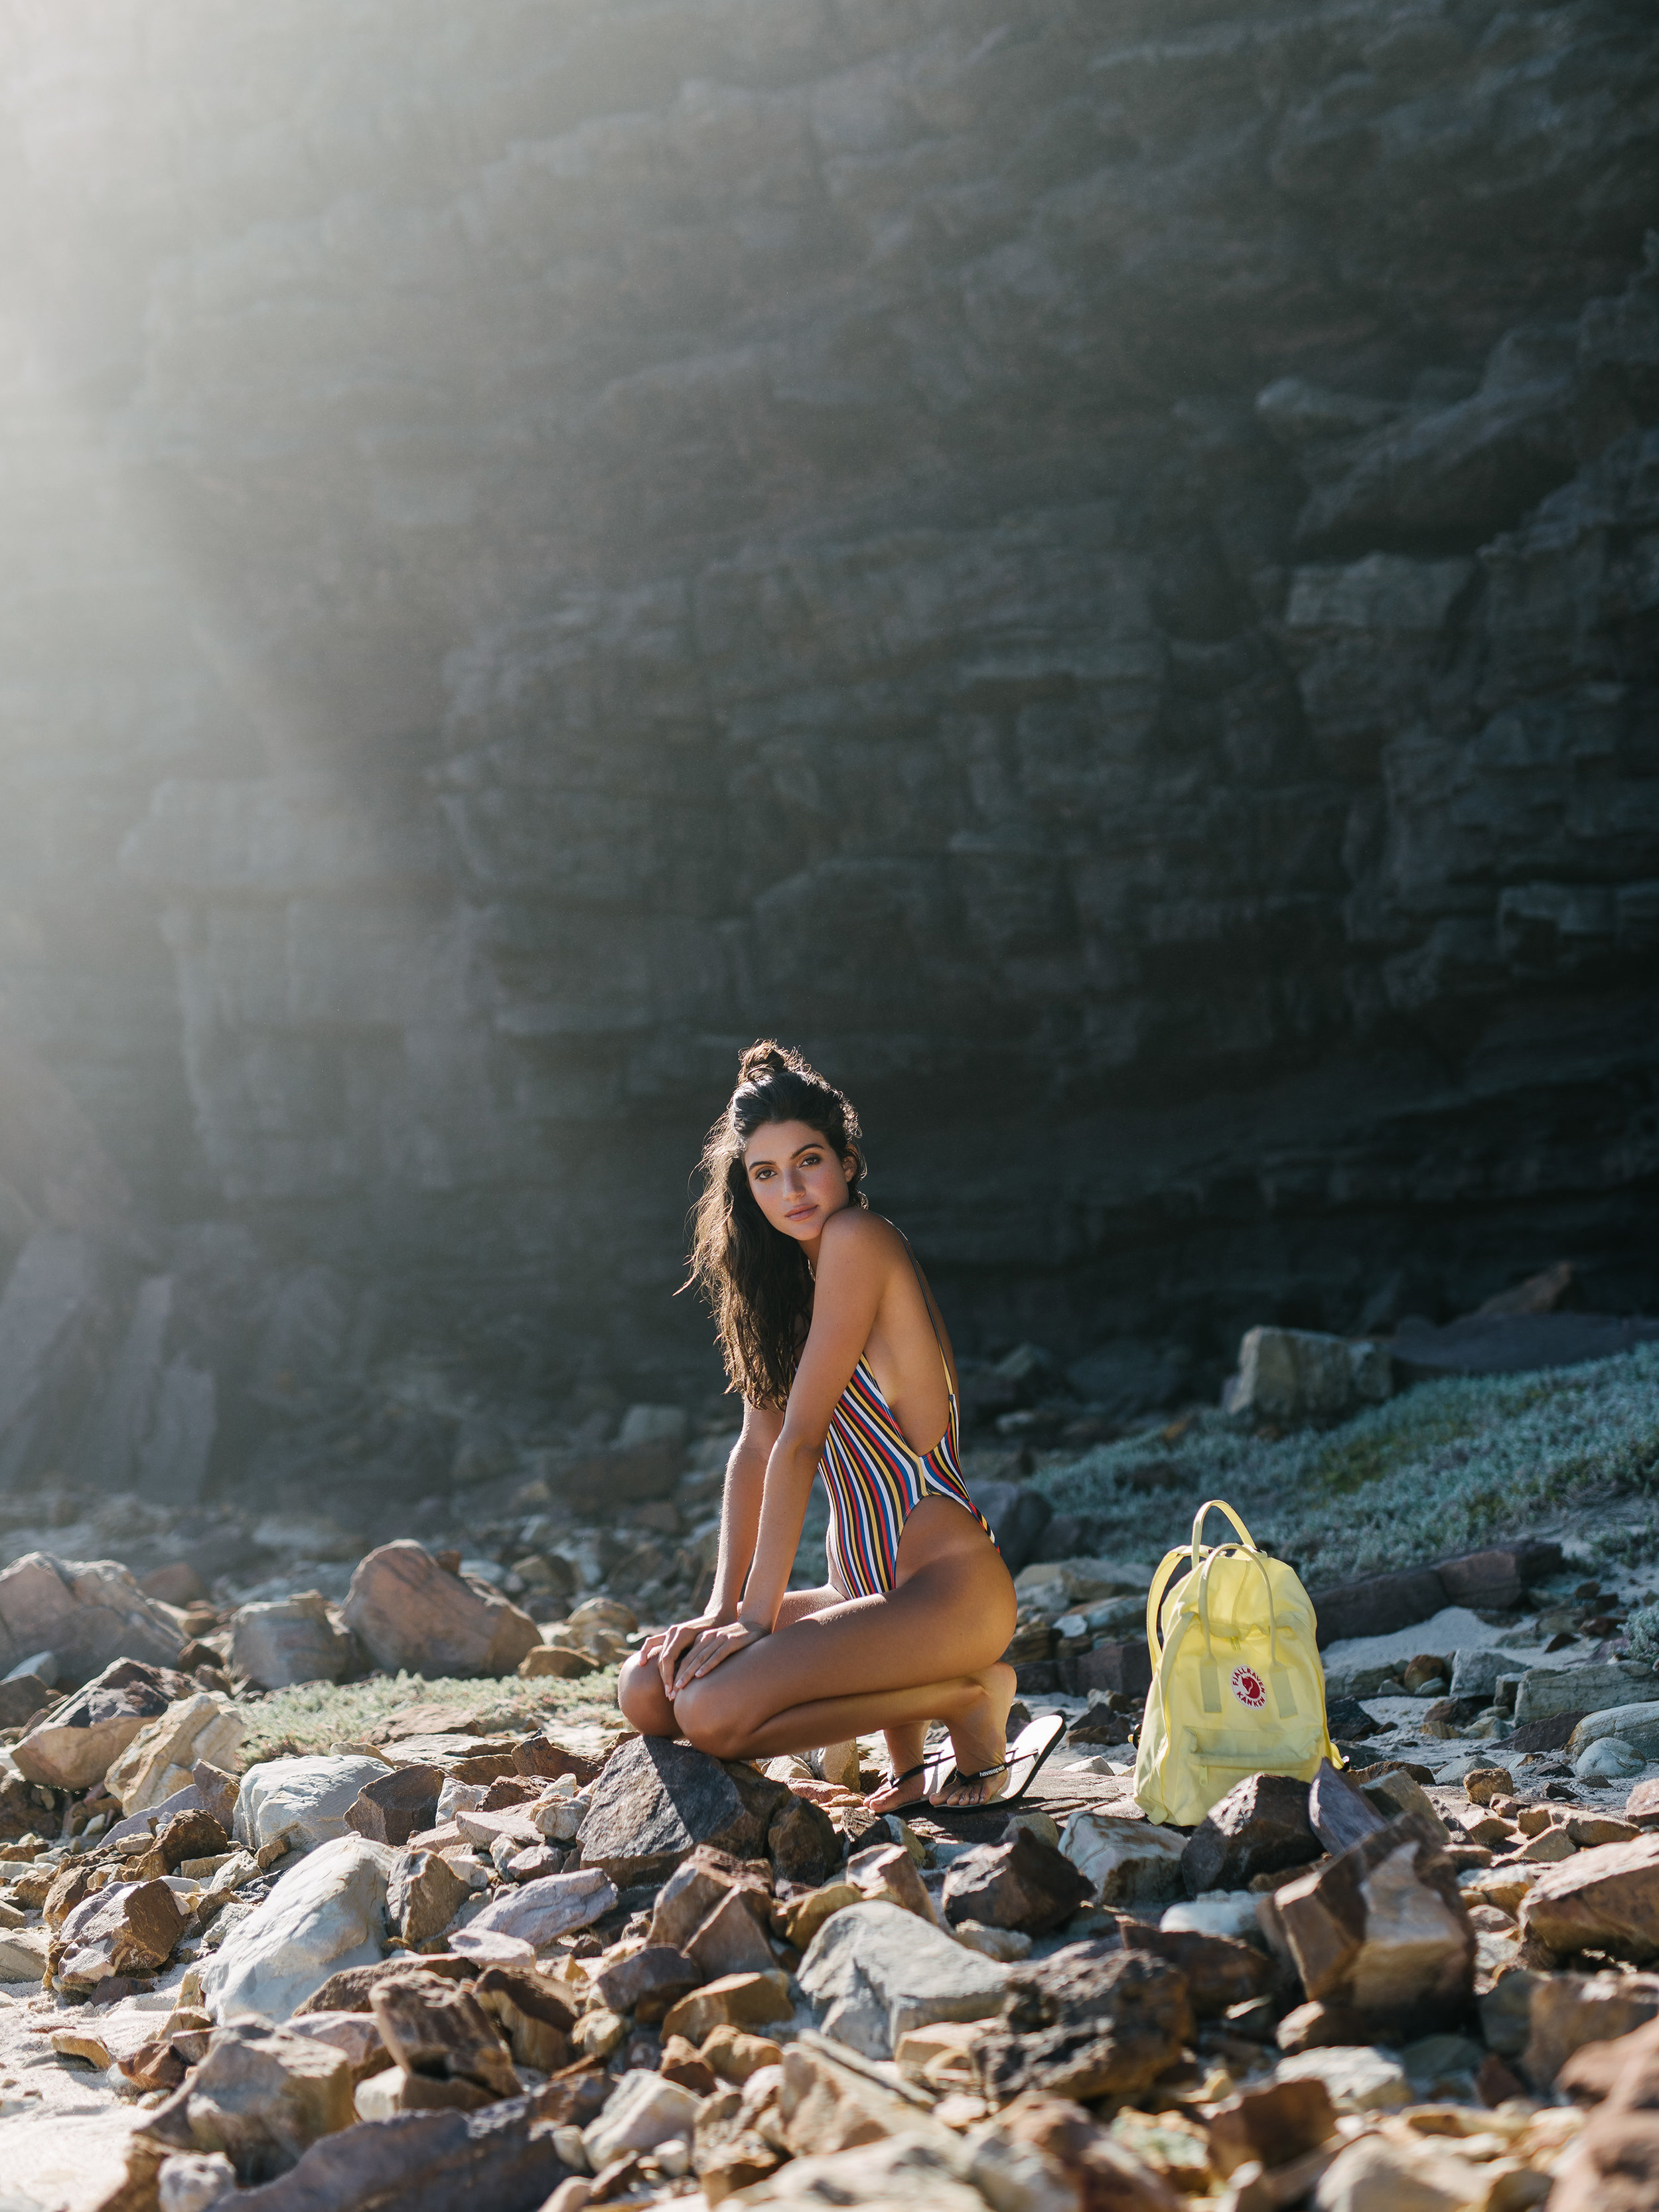 Topless Bikini Skin Diamond  naked (18 photo), Facebook, in bikini